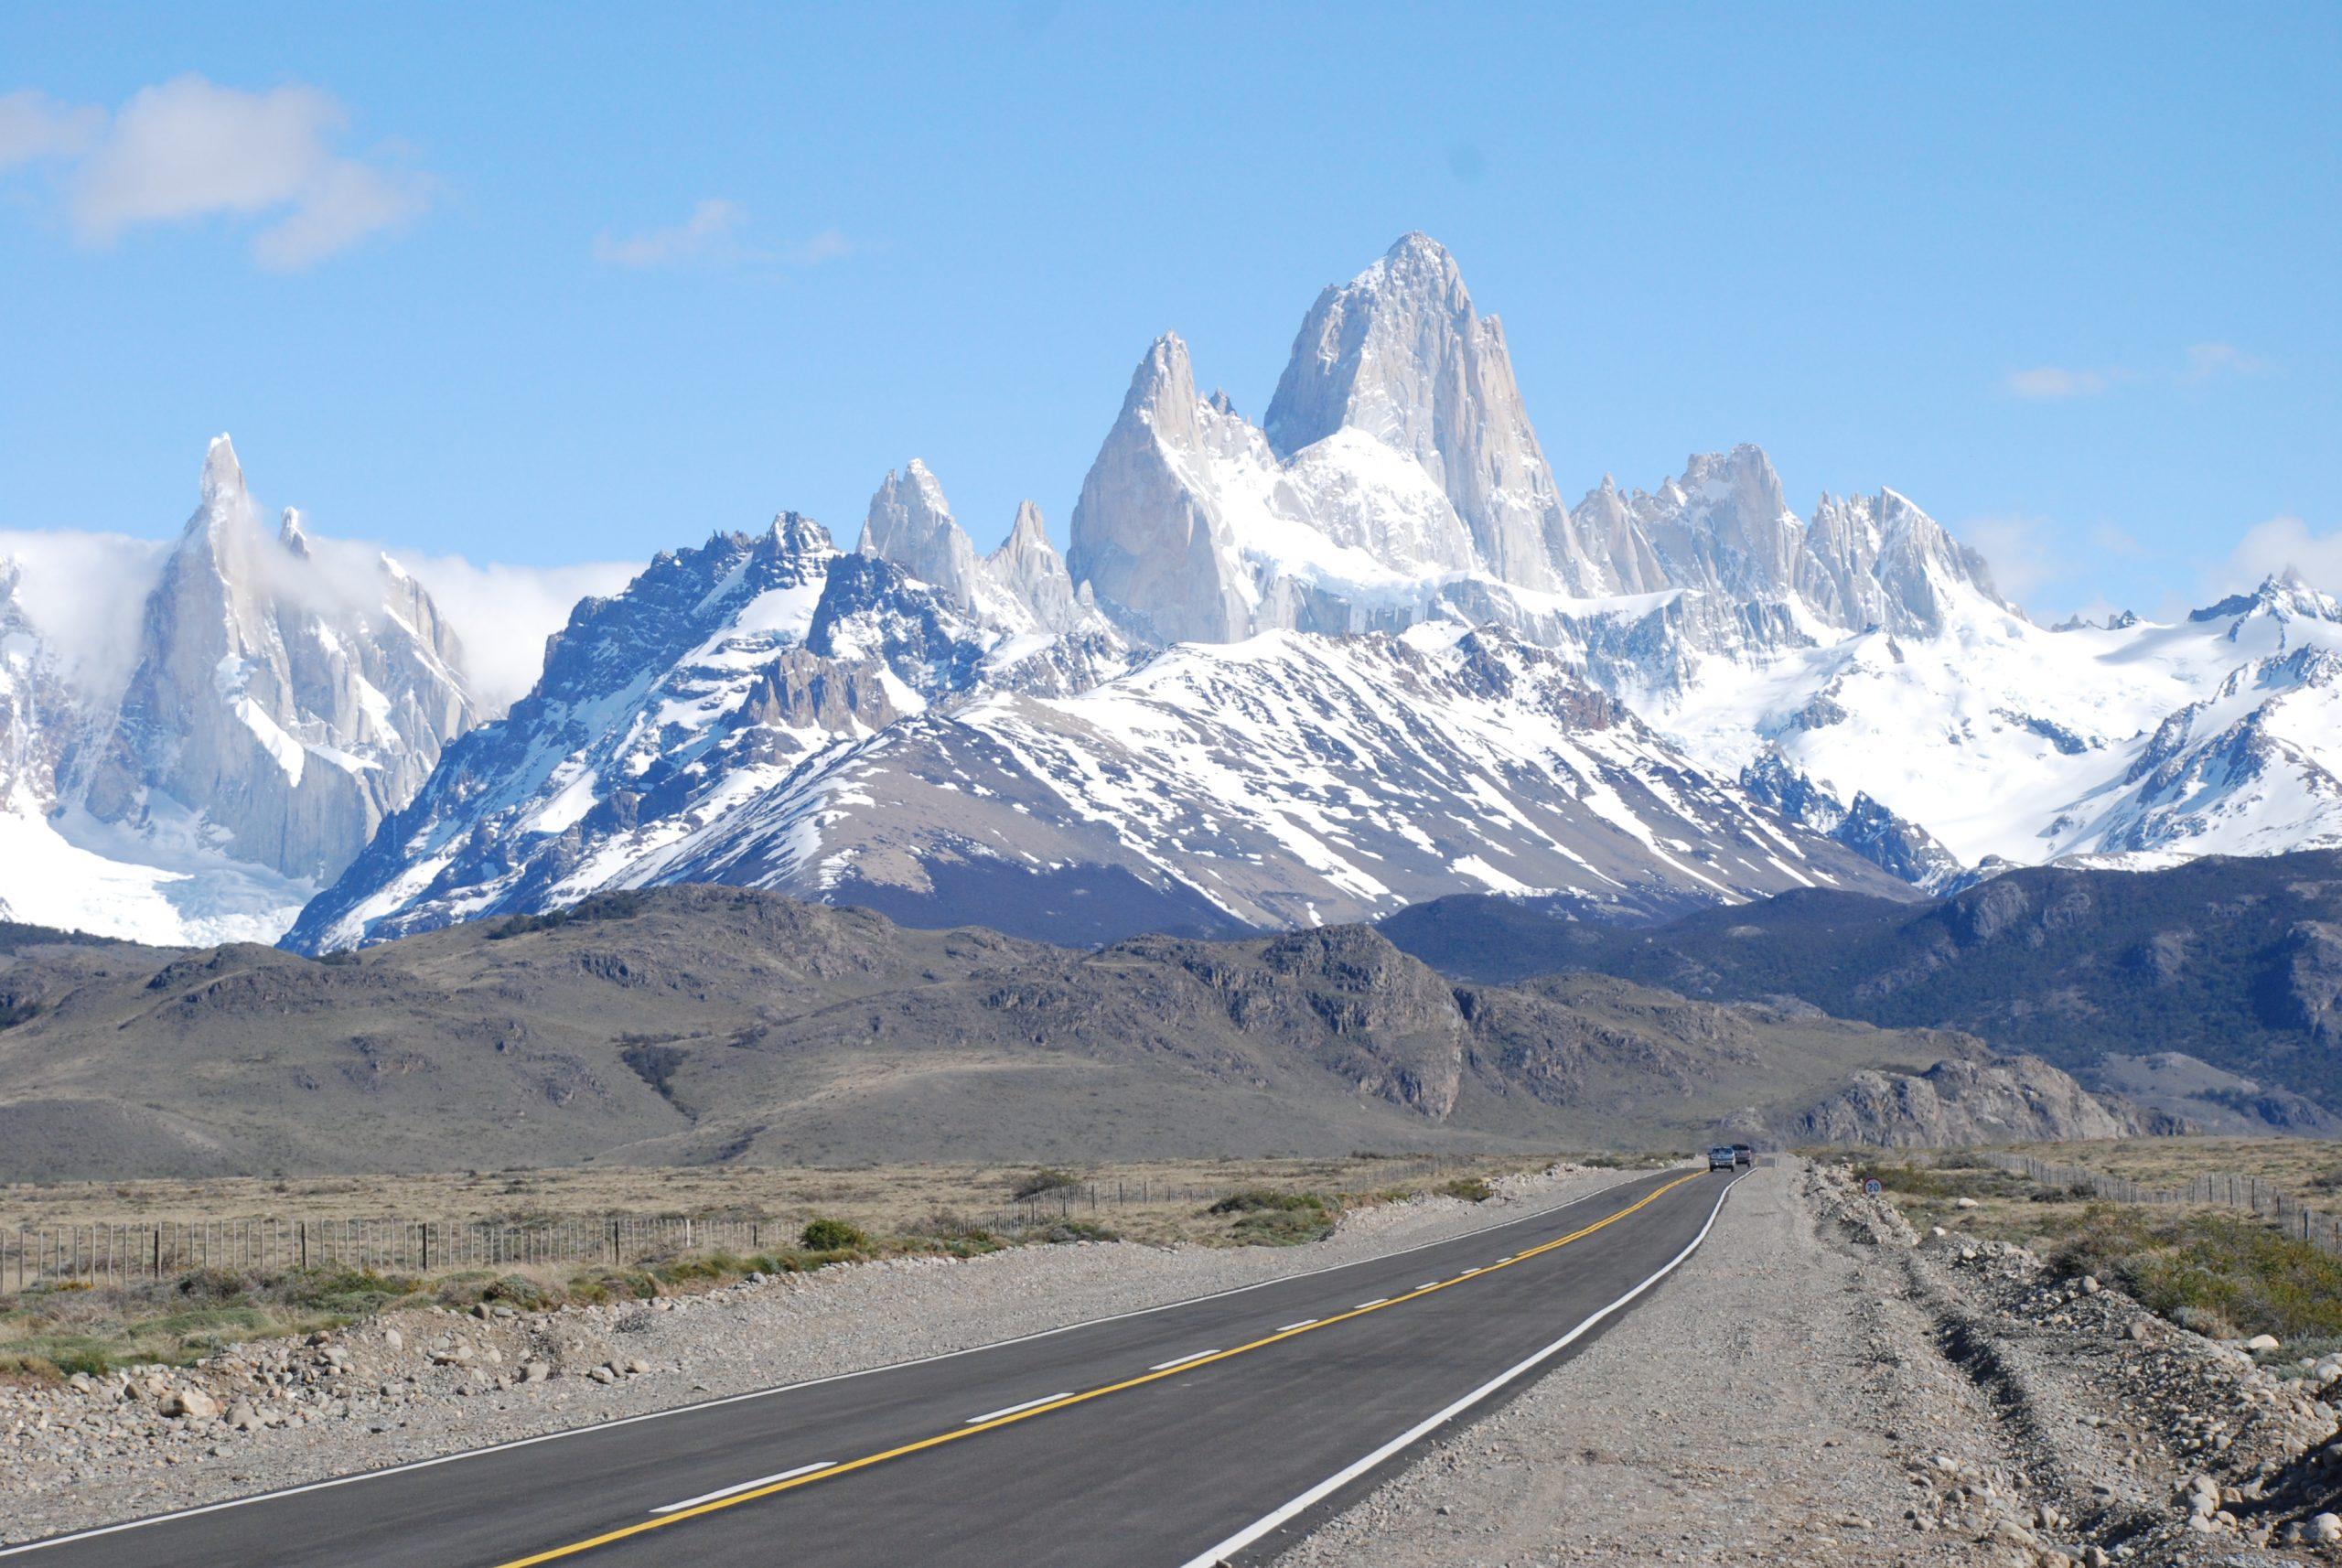 El Chaltén – Paradies für Wanderer und Bergsteiger